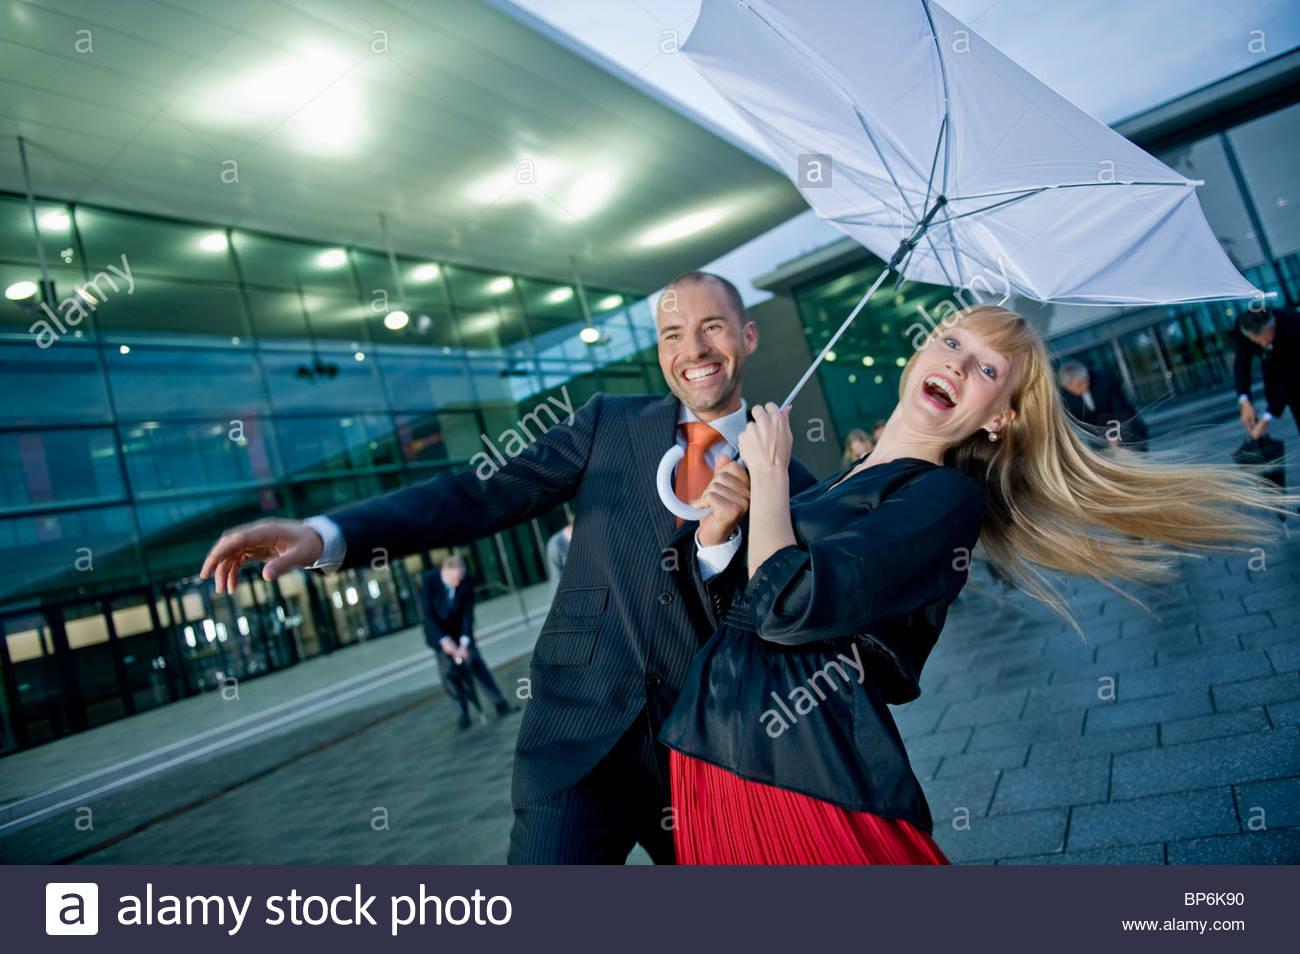 Un imprenditore e imprenditrice con ombrello in forte vento Immagini Stock